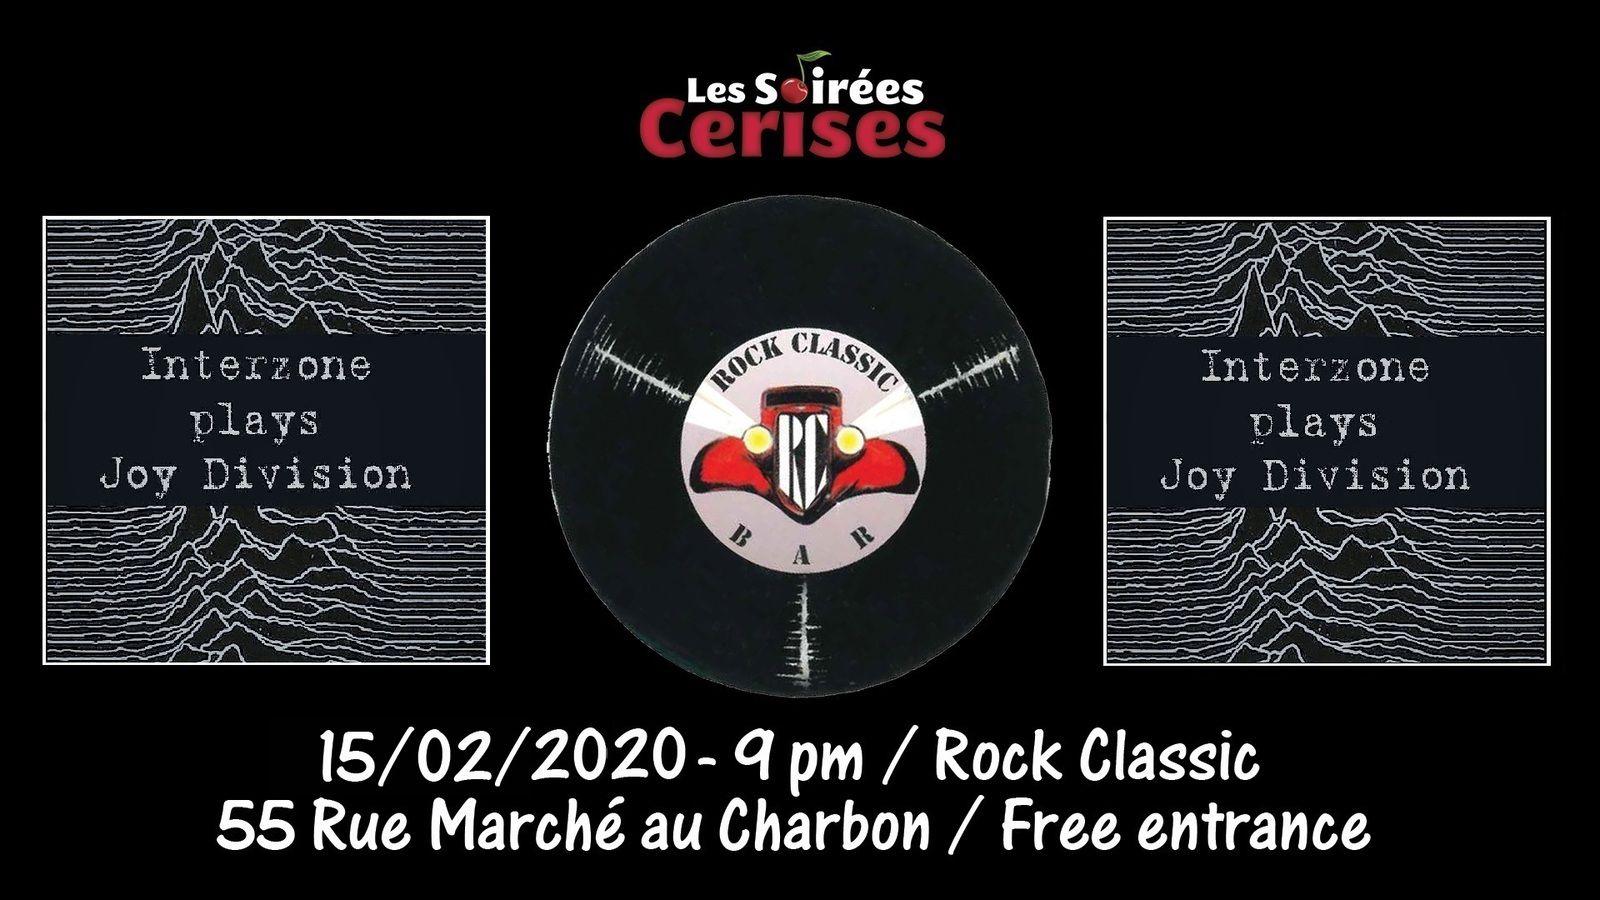 🎵 Interzone (Joy Division tribute band) au Rock Classic - 15/02/2020 - Entrée gratuite / Free entrance